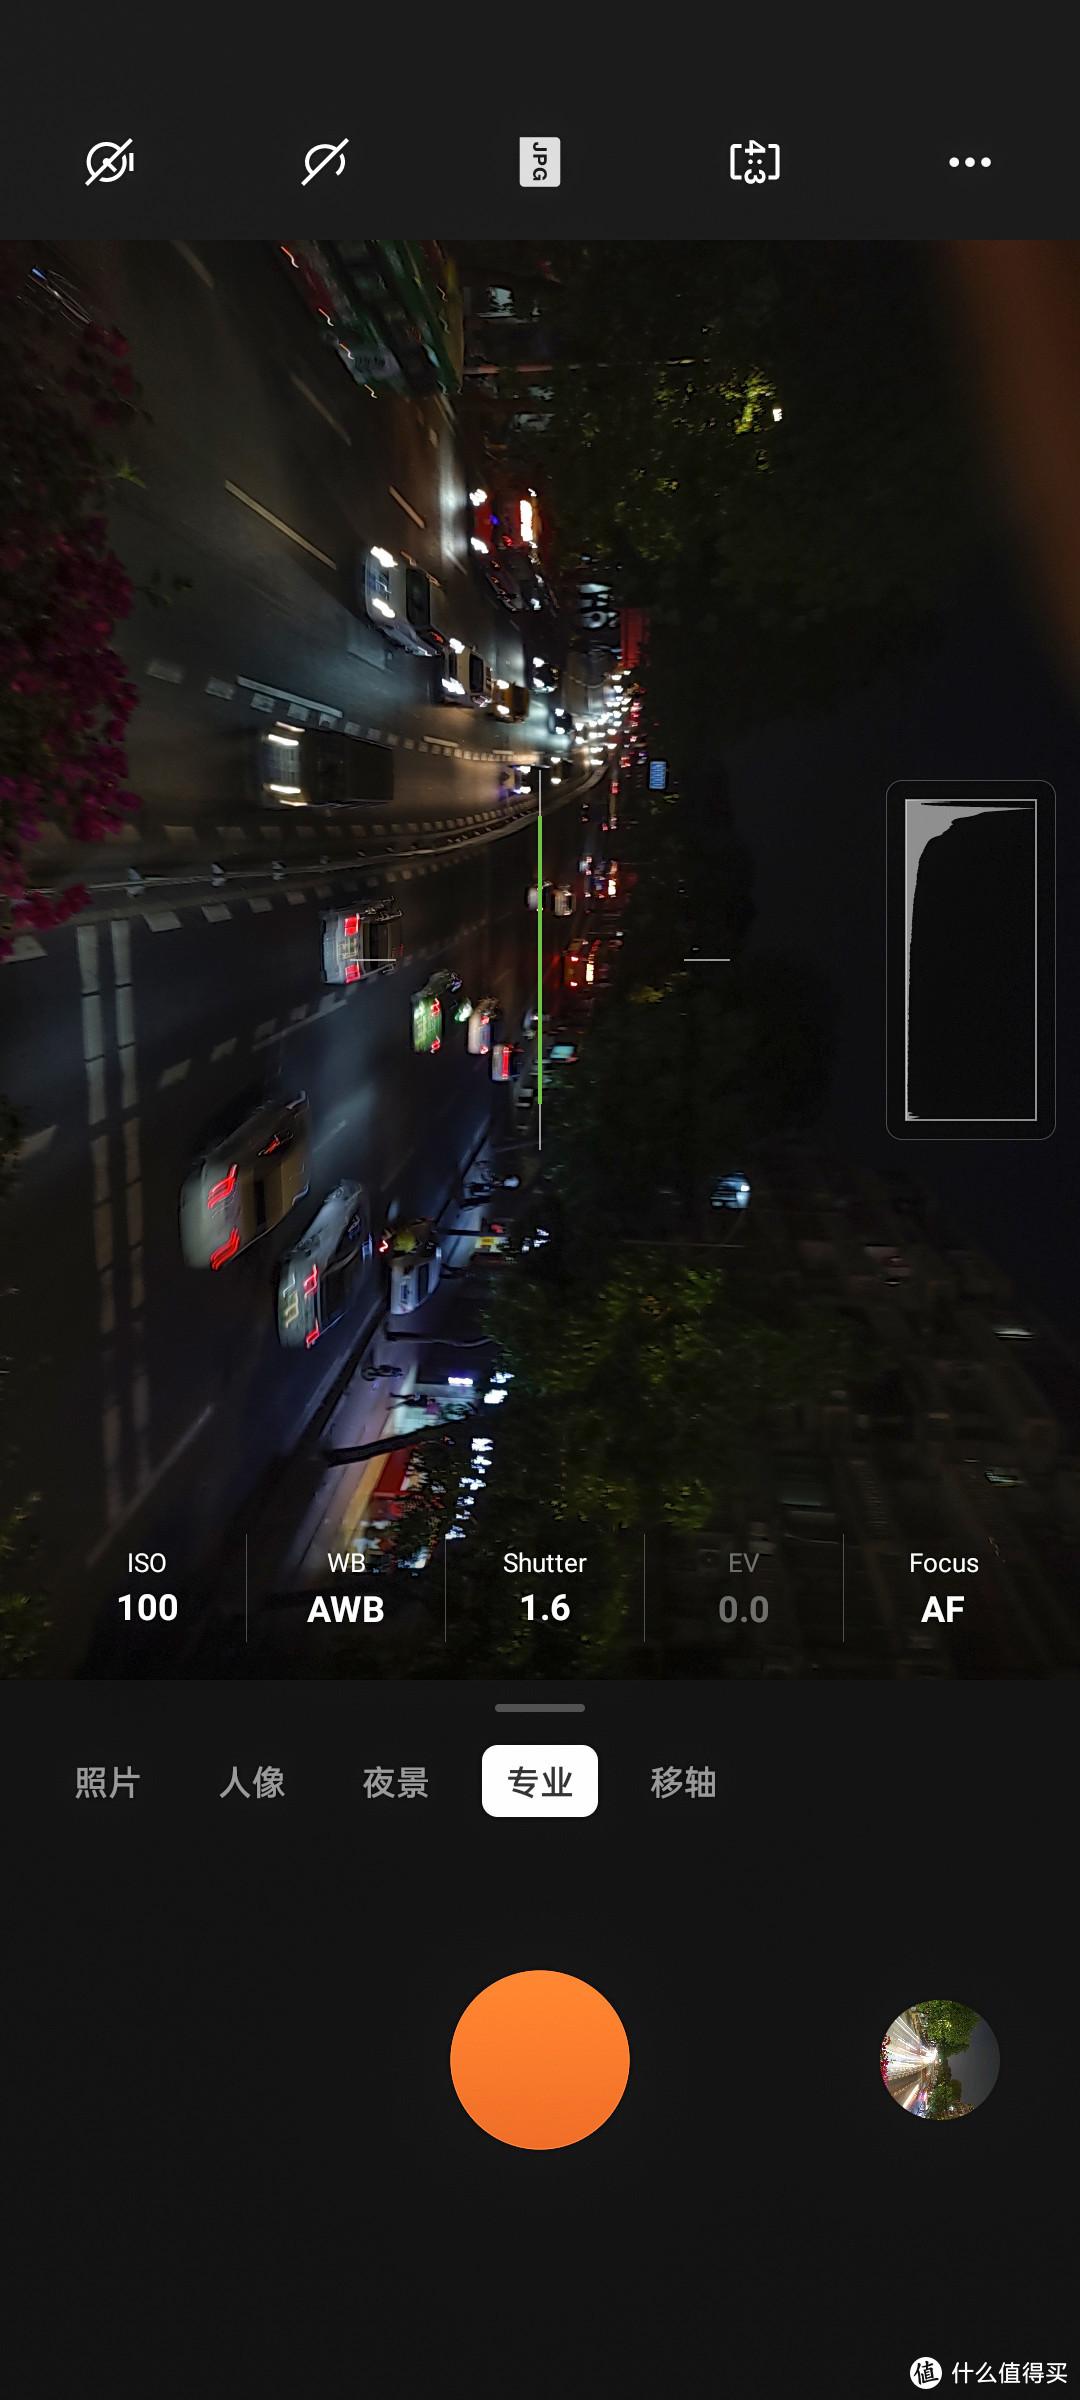 半职业摄影师眼里的一加9,视觉盛宴,哈苏加持的旗舰手机